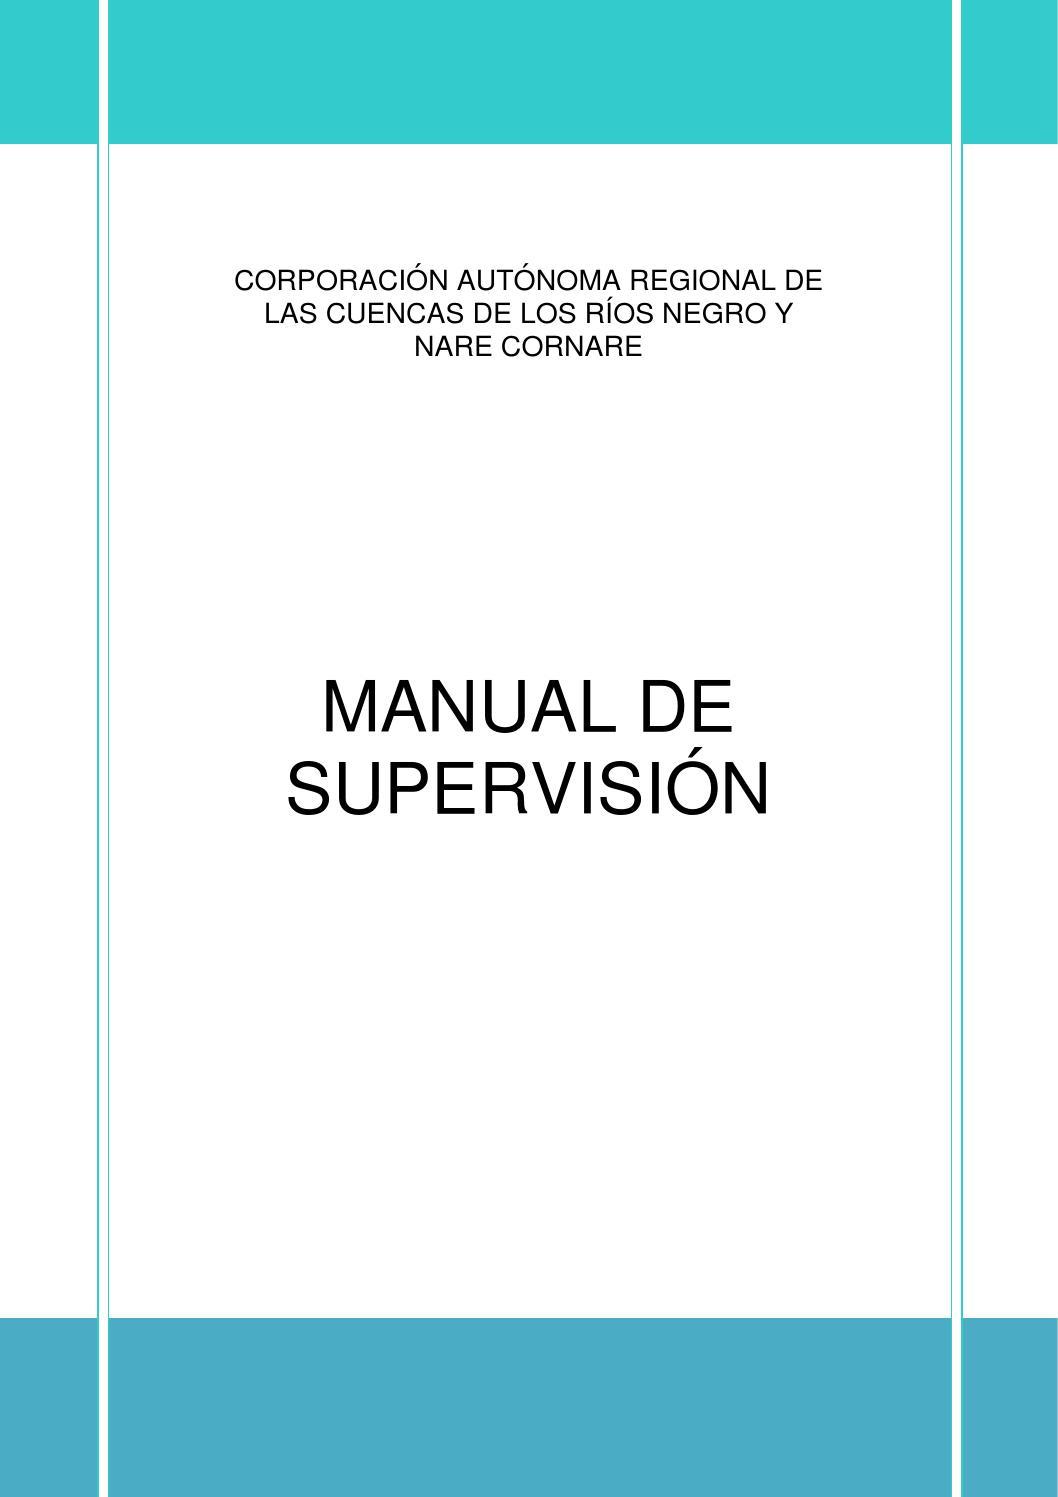 Manual Supervisión quinta edición 2013 by cornare - issuu